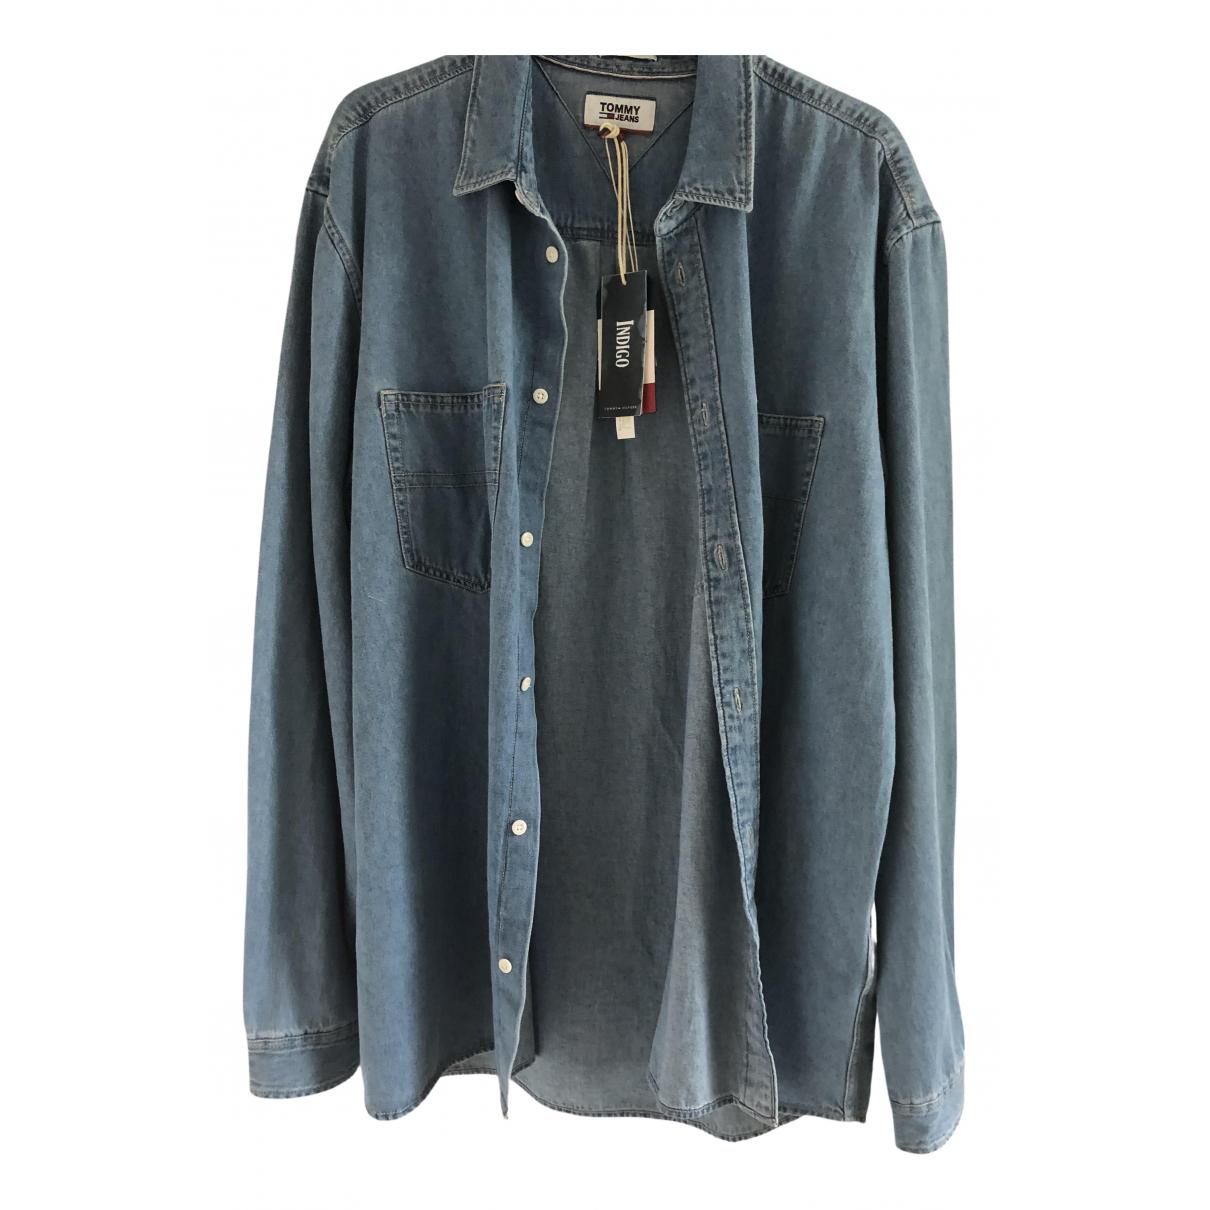 Tommy Hilfiger - Chemises   pour homme en denim - bleu